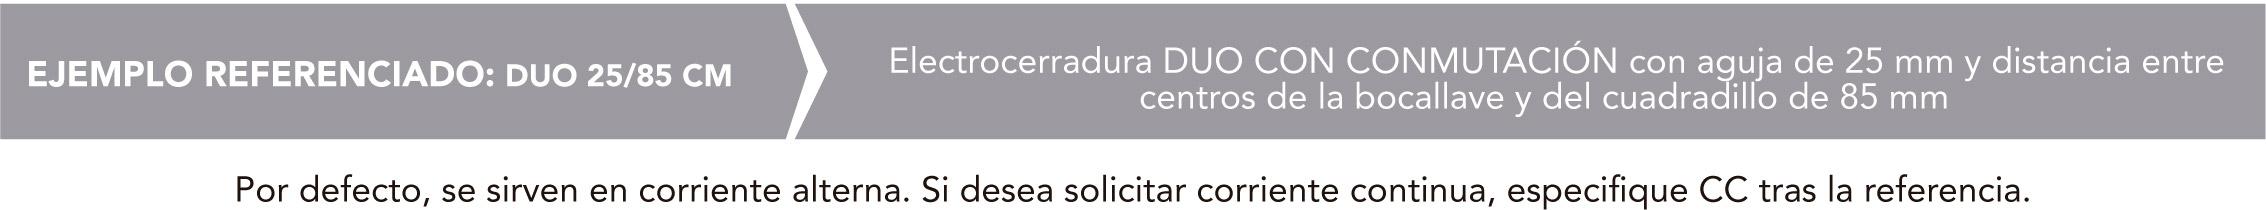 duocon_pie